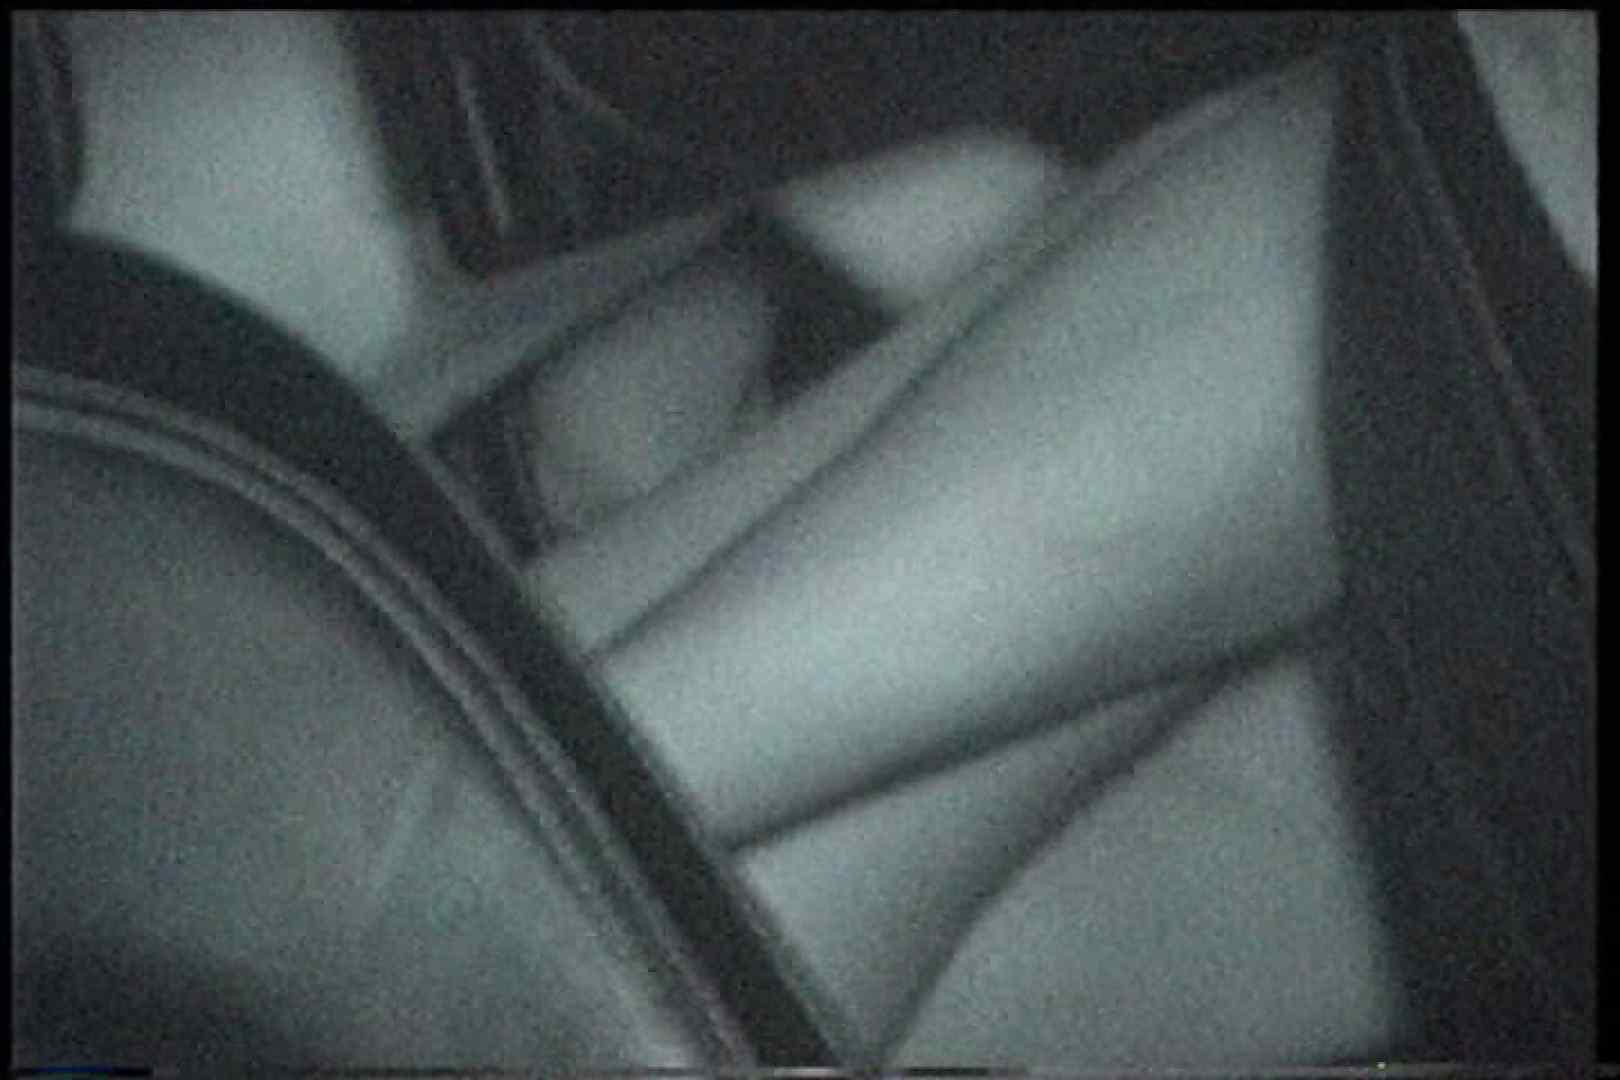 充血監督の深夜の運動会Vol.187 エロティックなOL  96画像 48